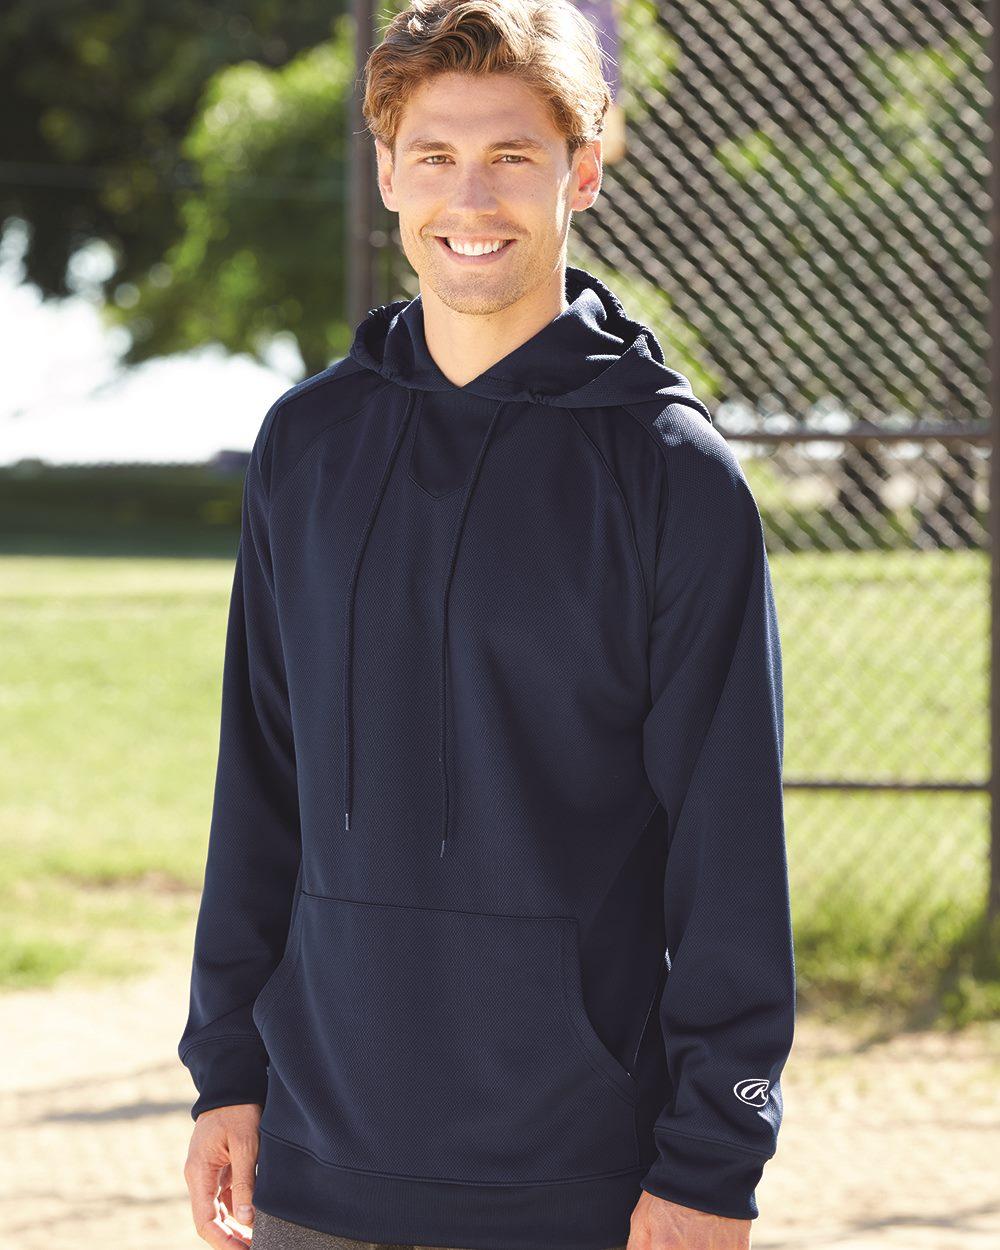 Rawlings 9709 - Mesh Fleece Hooded Sweatshirt